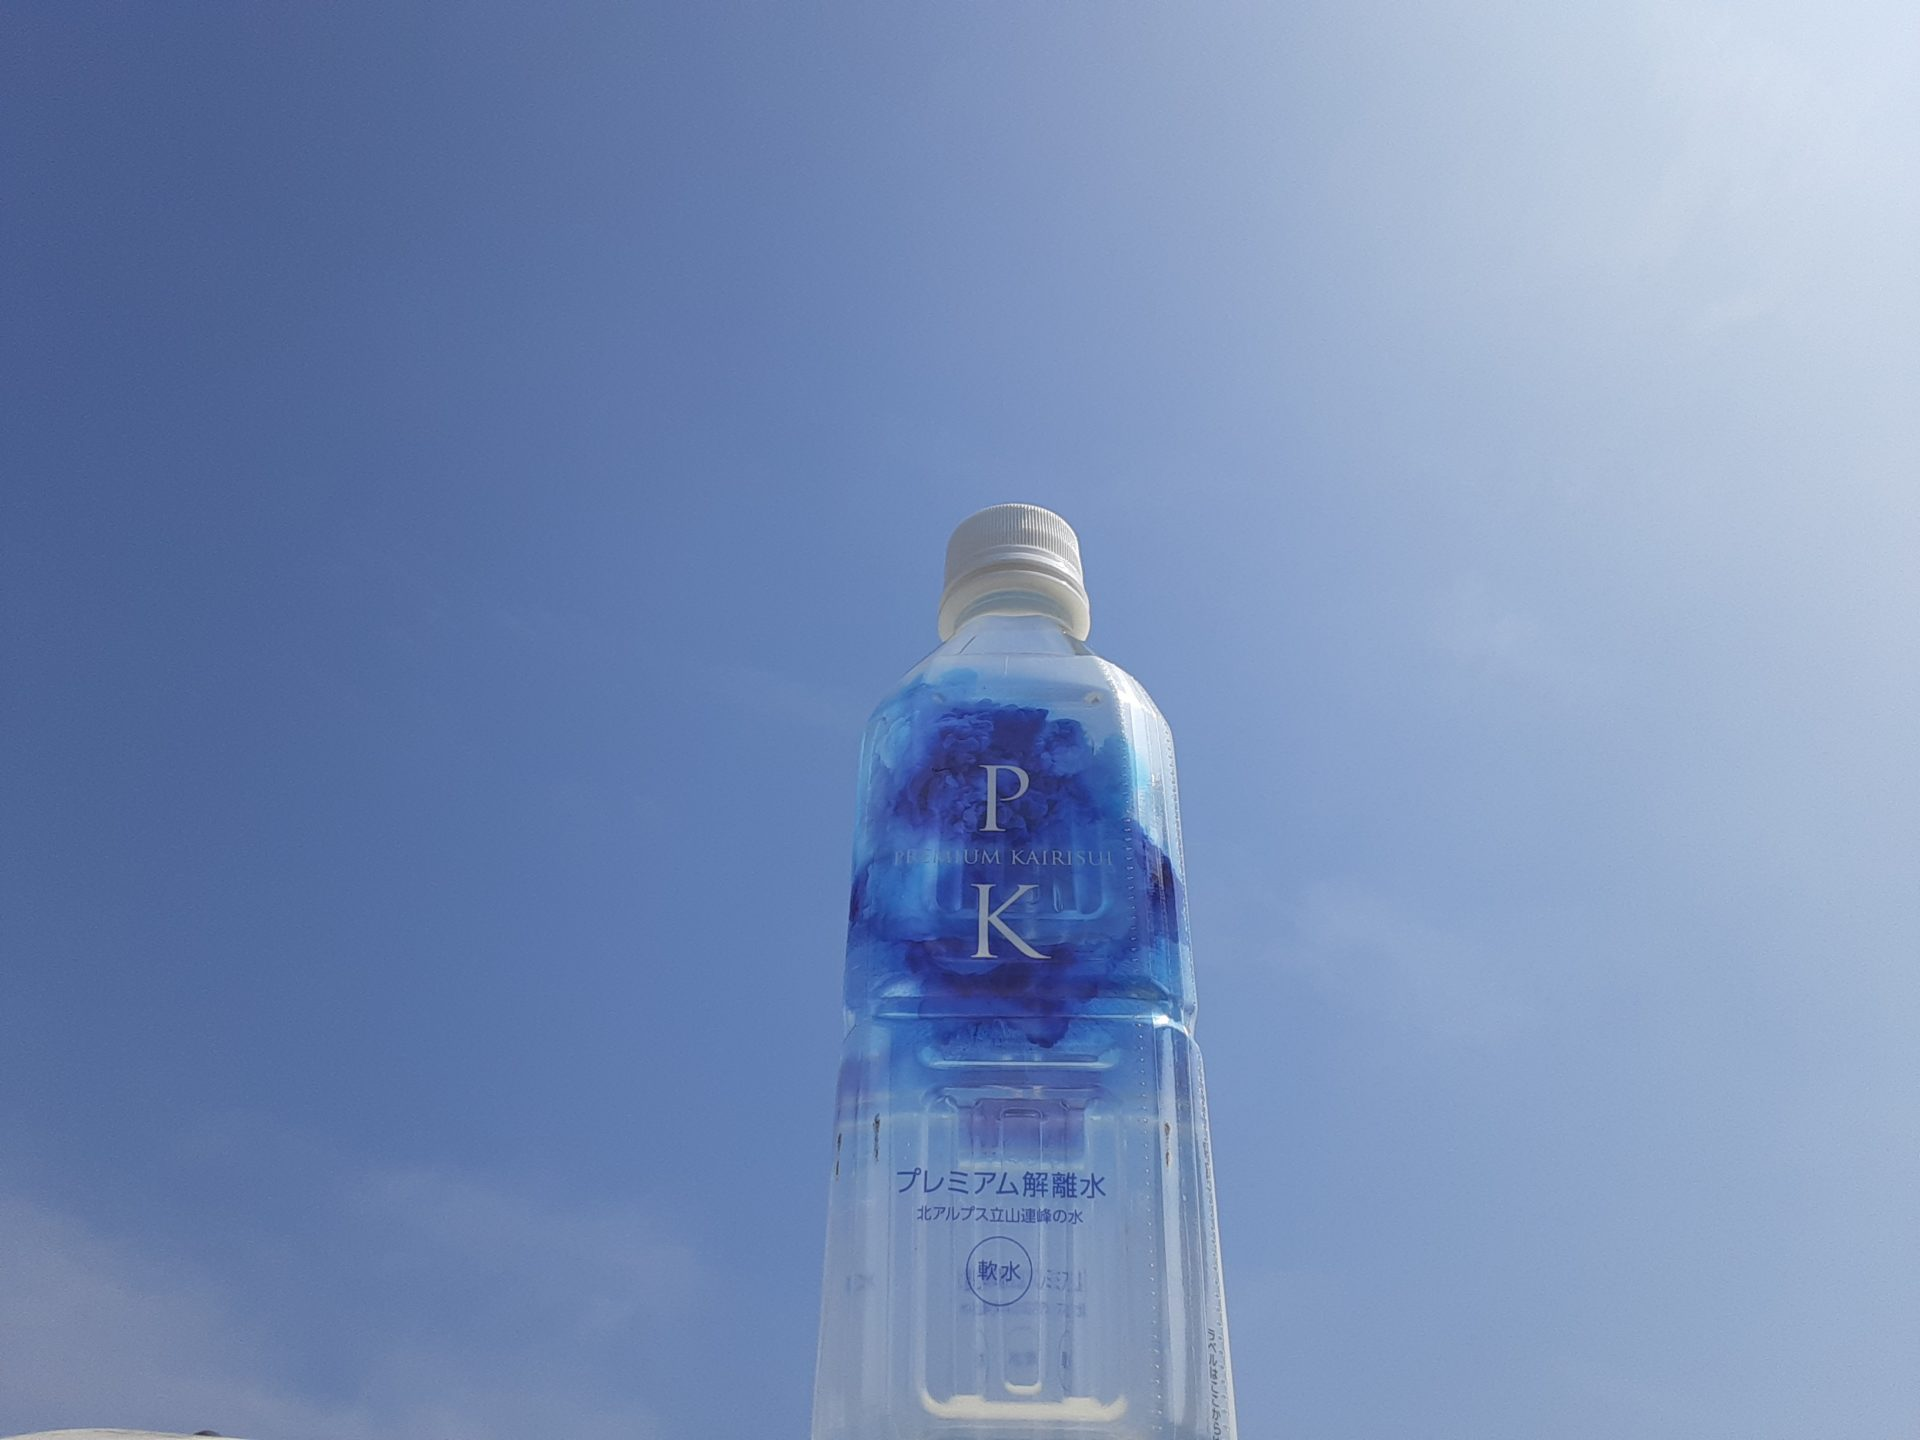 プレミアム解離水を関目成育駅から徒歩1分、でっかい包丁が目印の割烹<一本勝ち>さんに置かせて頂きました!